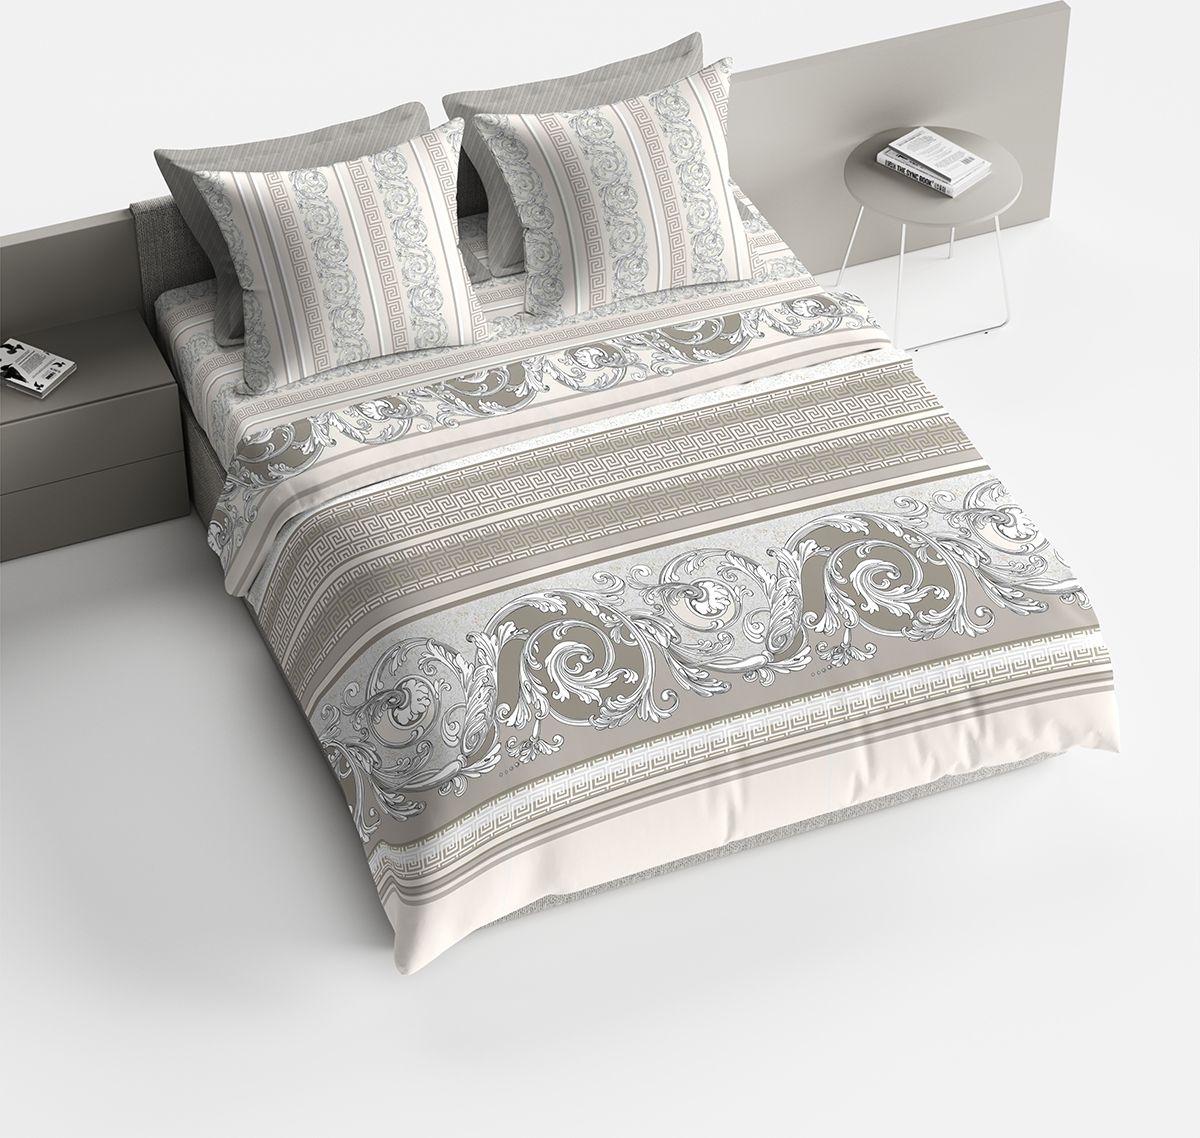 Комплект белья Браво Барокко, cемейный, наволочки 70x70, цвет: серыйSVC-300Комплекты постельного белья из ткани LUX COTTON (высококачественный поплин), сотканной из длинноволокнистого египетского хлопка, созданы специально для людей с оригинальным вкусом, предпочитающим современные решения в интерьере. Обновленная стильная упаковка делает этот комплект отличным подарком. • Равноплотная ткань из 100% хлопка;• Обработана по технологии мерсеризации и санфоризации;• Мягкая и нежная на ощупь;• Устойчива к трению;• Обладает высокими показателями гигроскопичности (впитывает влагу);• Выдерживает частые стирки, сохраняя первоначальные цвет, форму и размеры;• Безопасные красители ведущего немецкого производителя BEZEMA